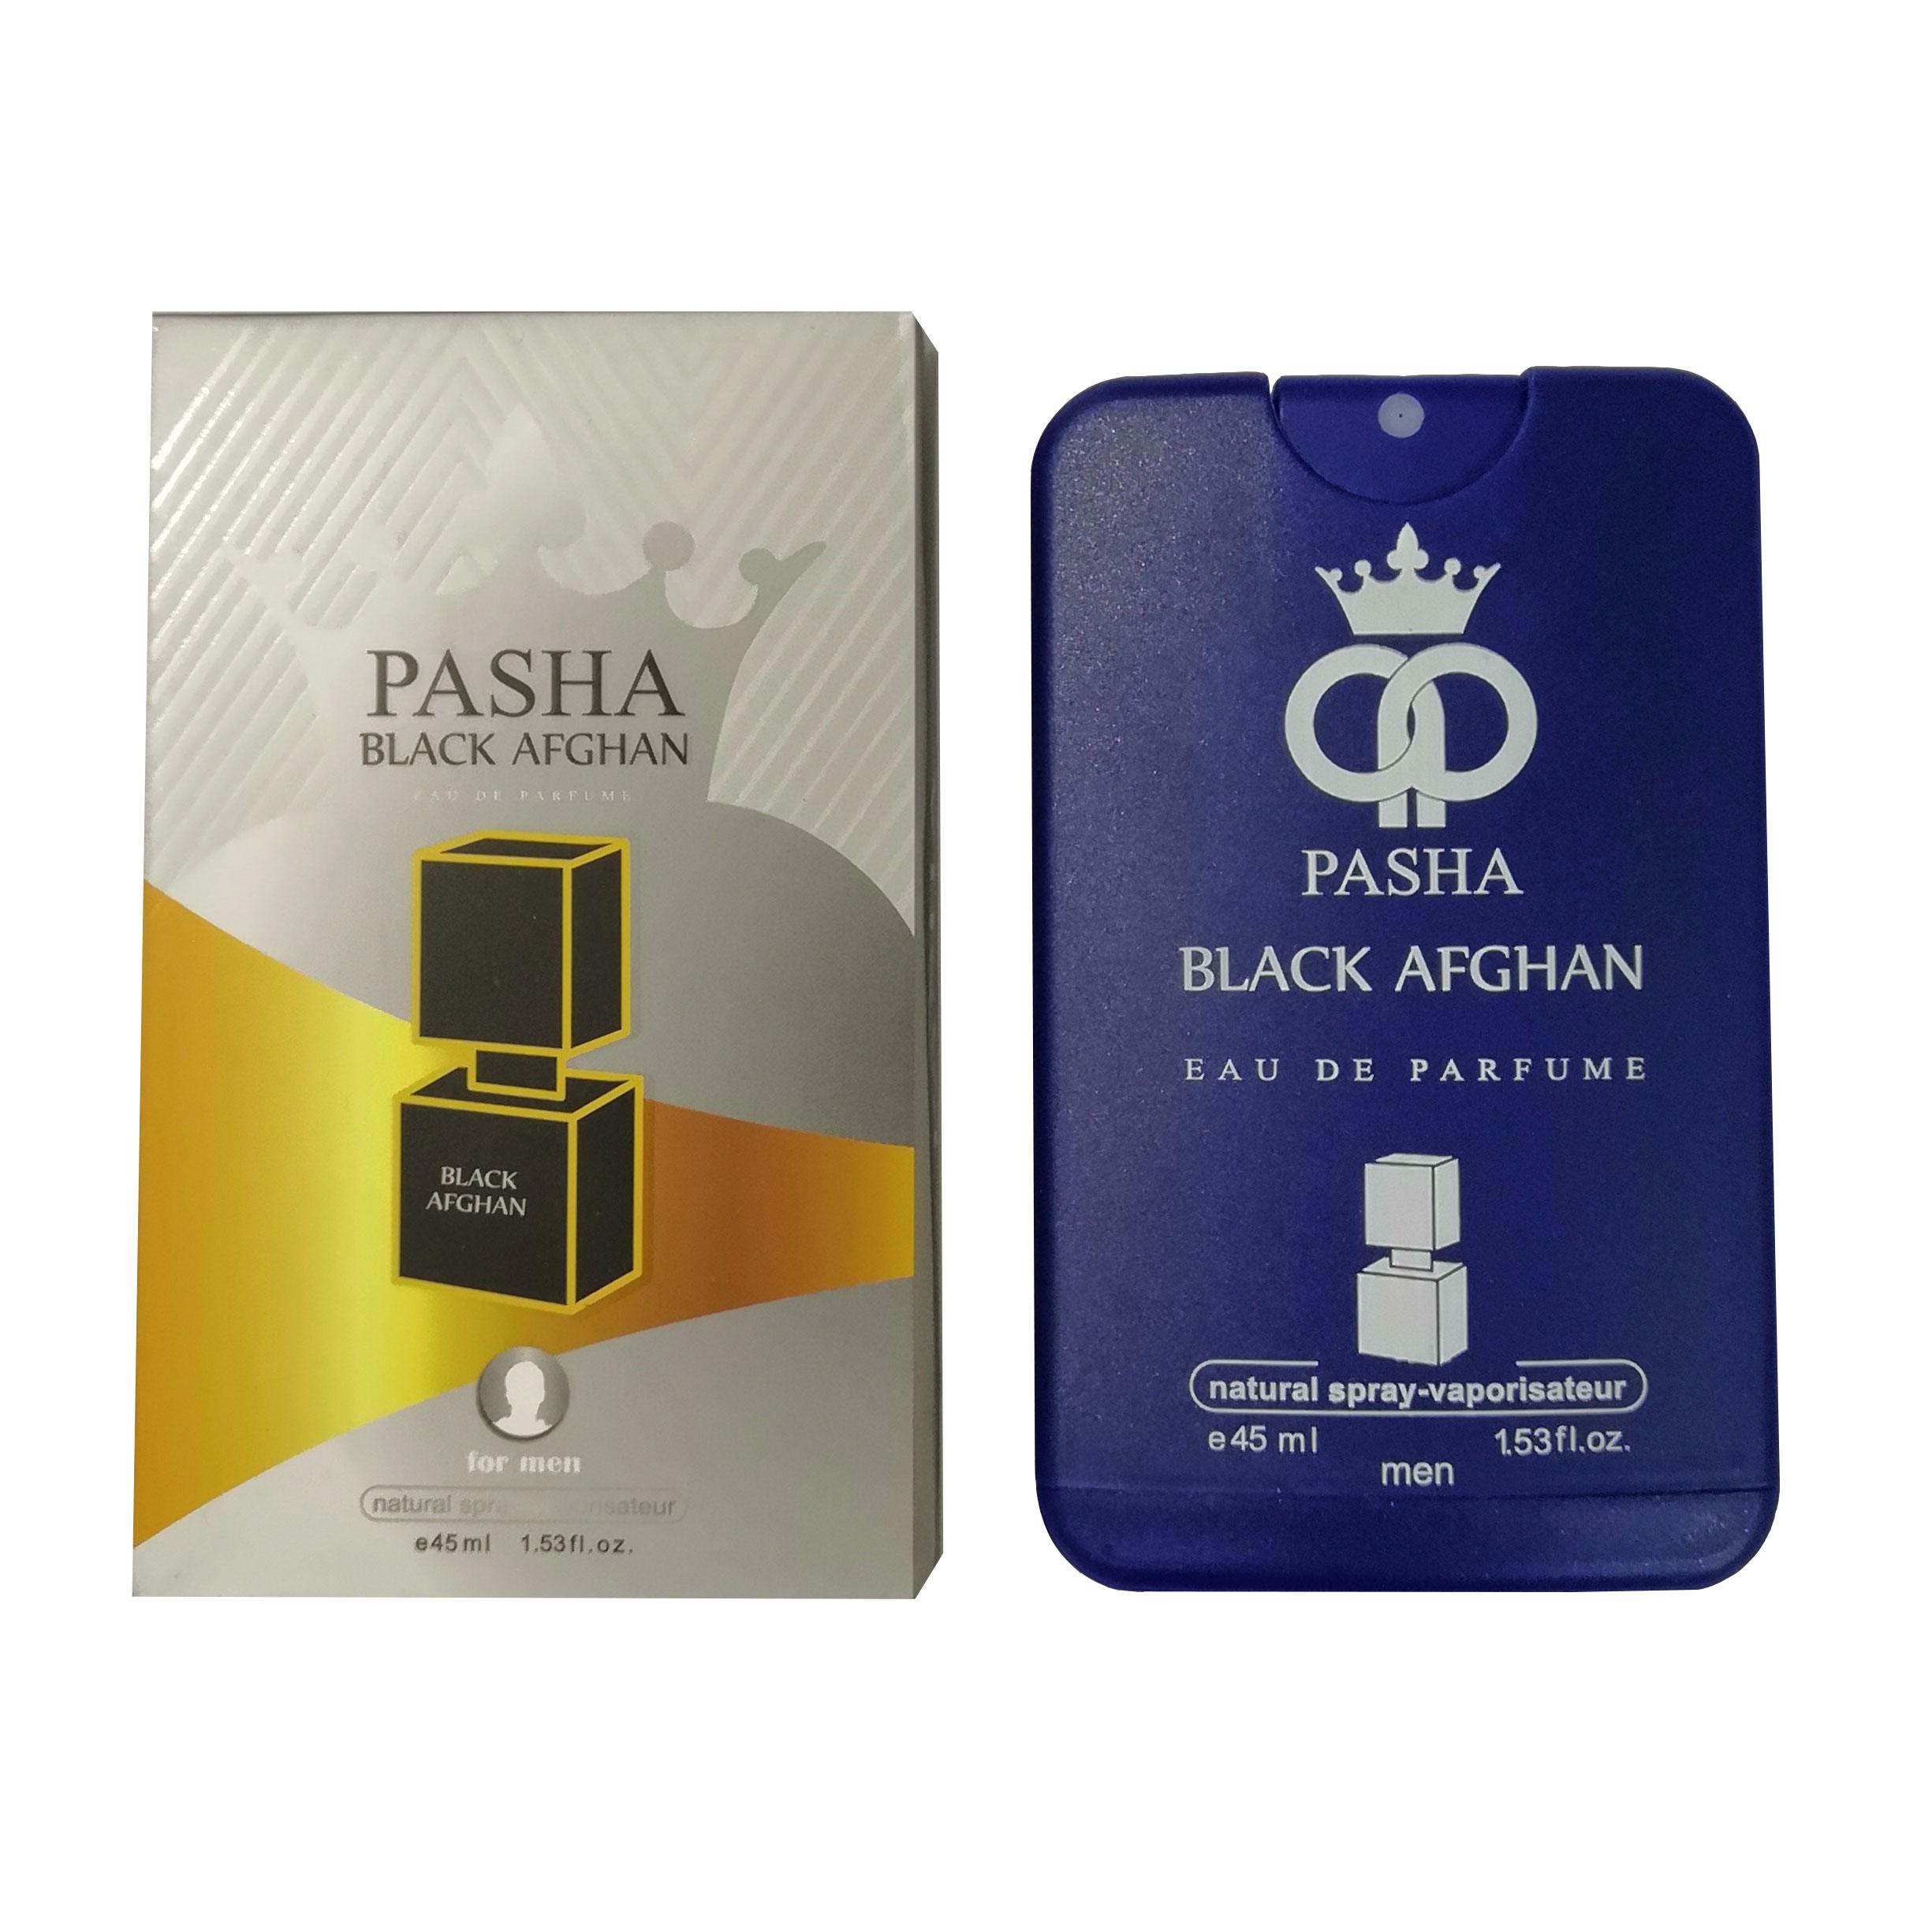 عطر جیبی مردانه پاشا مدل BLACK AFGHAN حجم 45 میلی لیتر